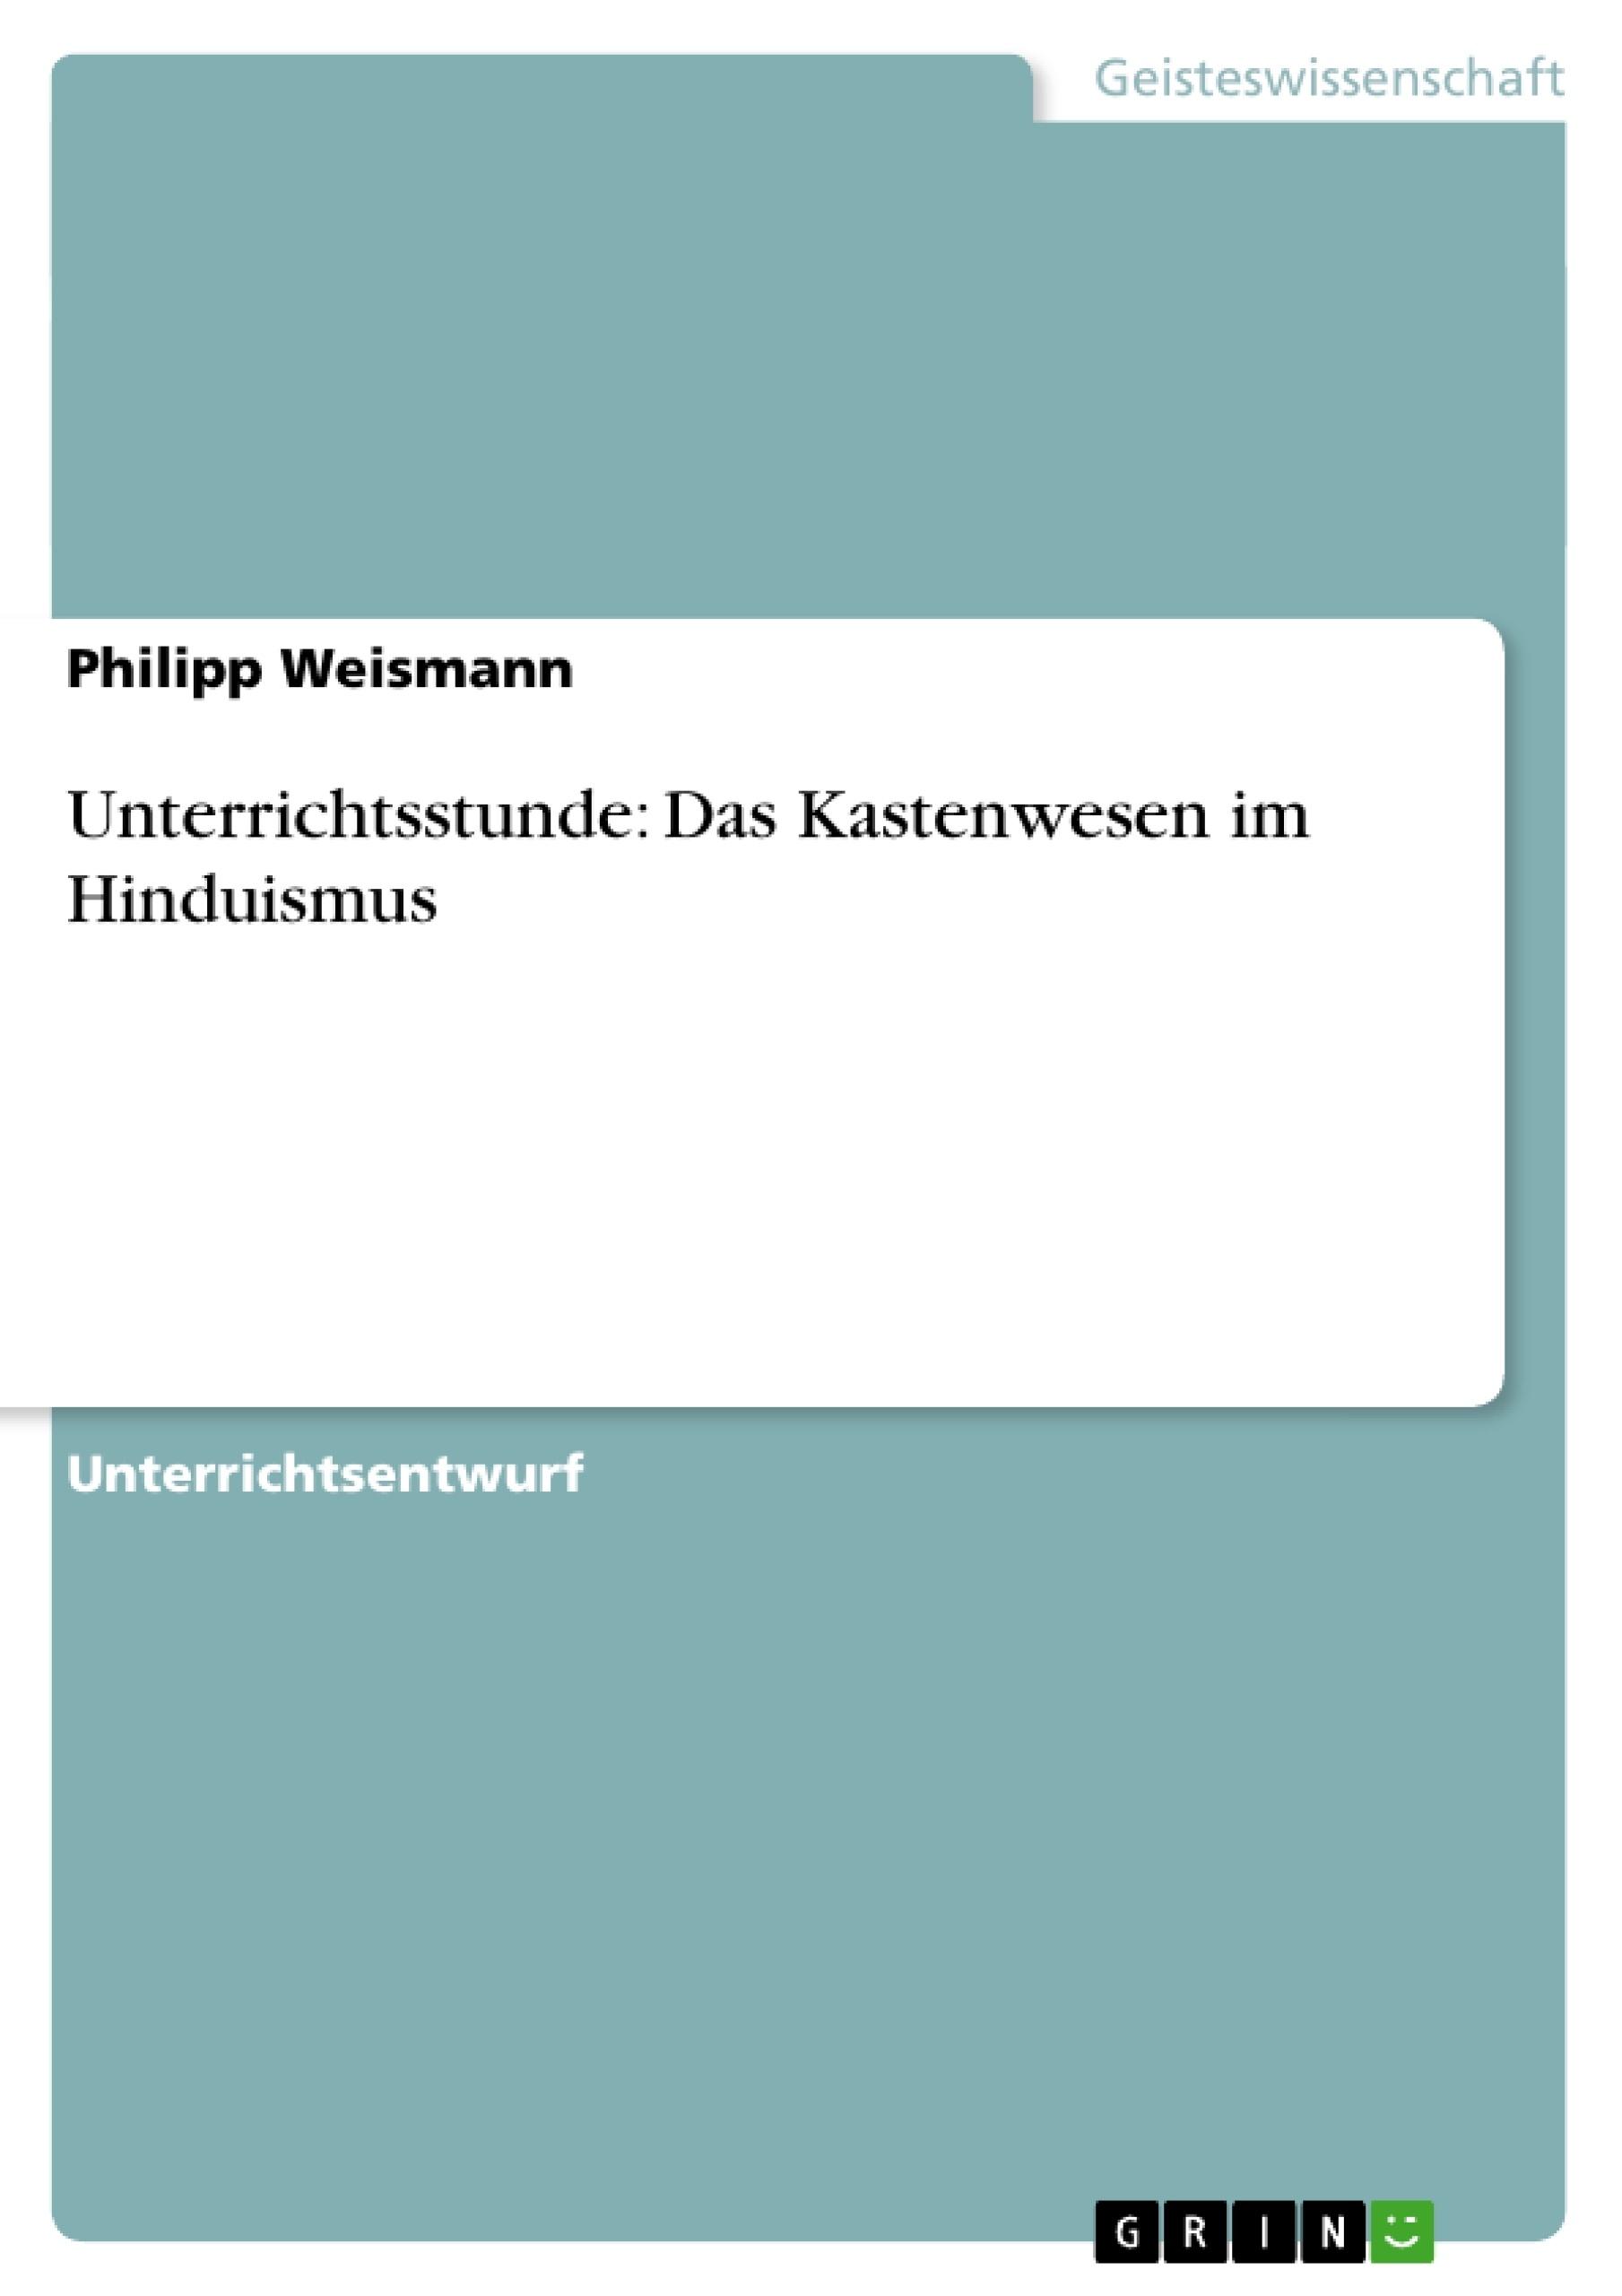 Titel: Unterrichtsstunde: Das Kastenwesen im Hinduismus